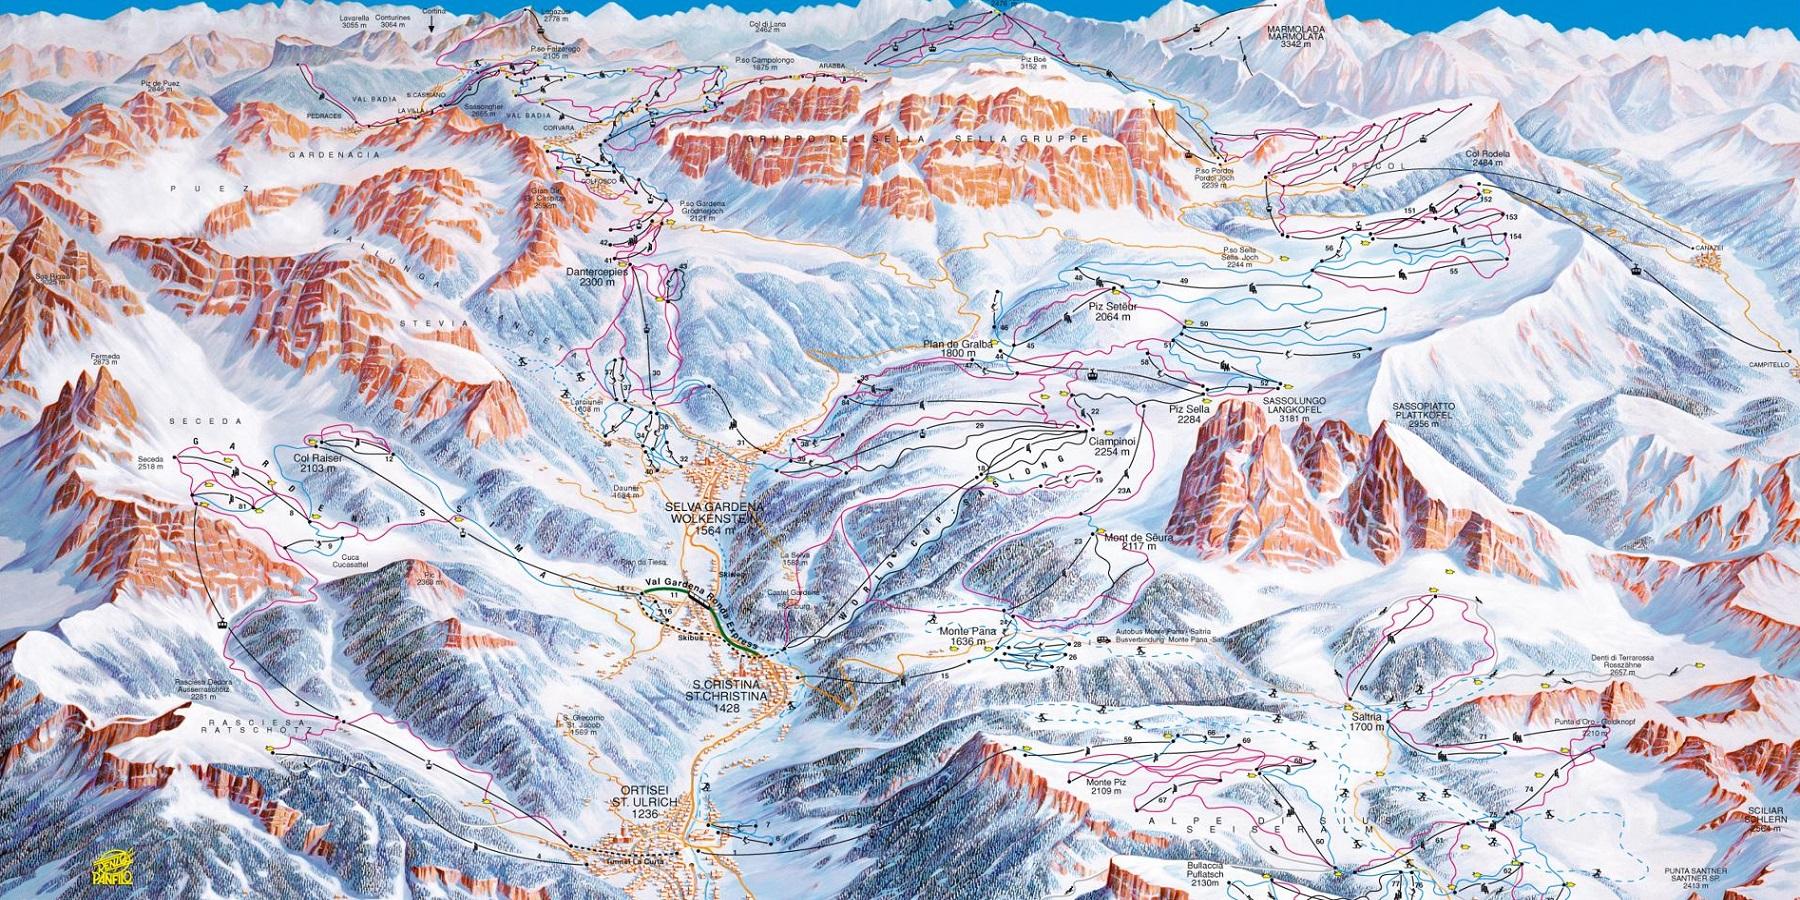 Схема трасс в Валь Гардене (Ski map Val Gardena)